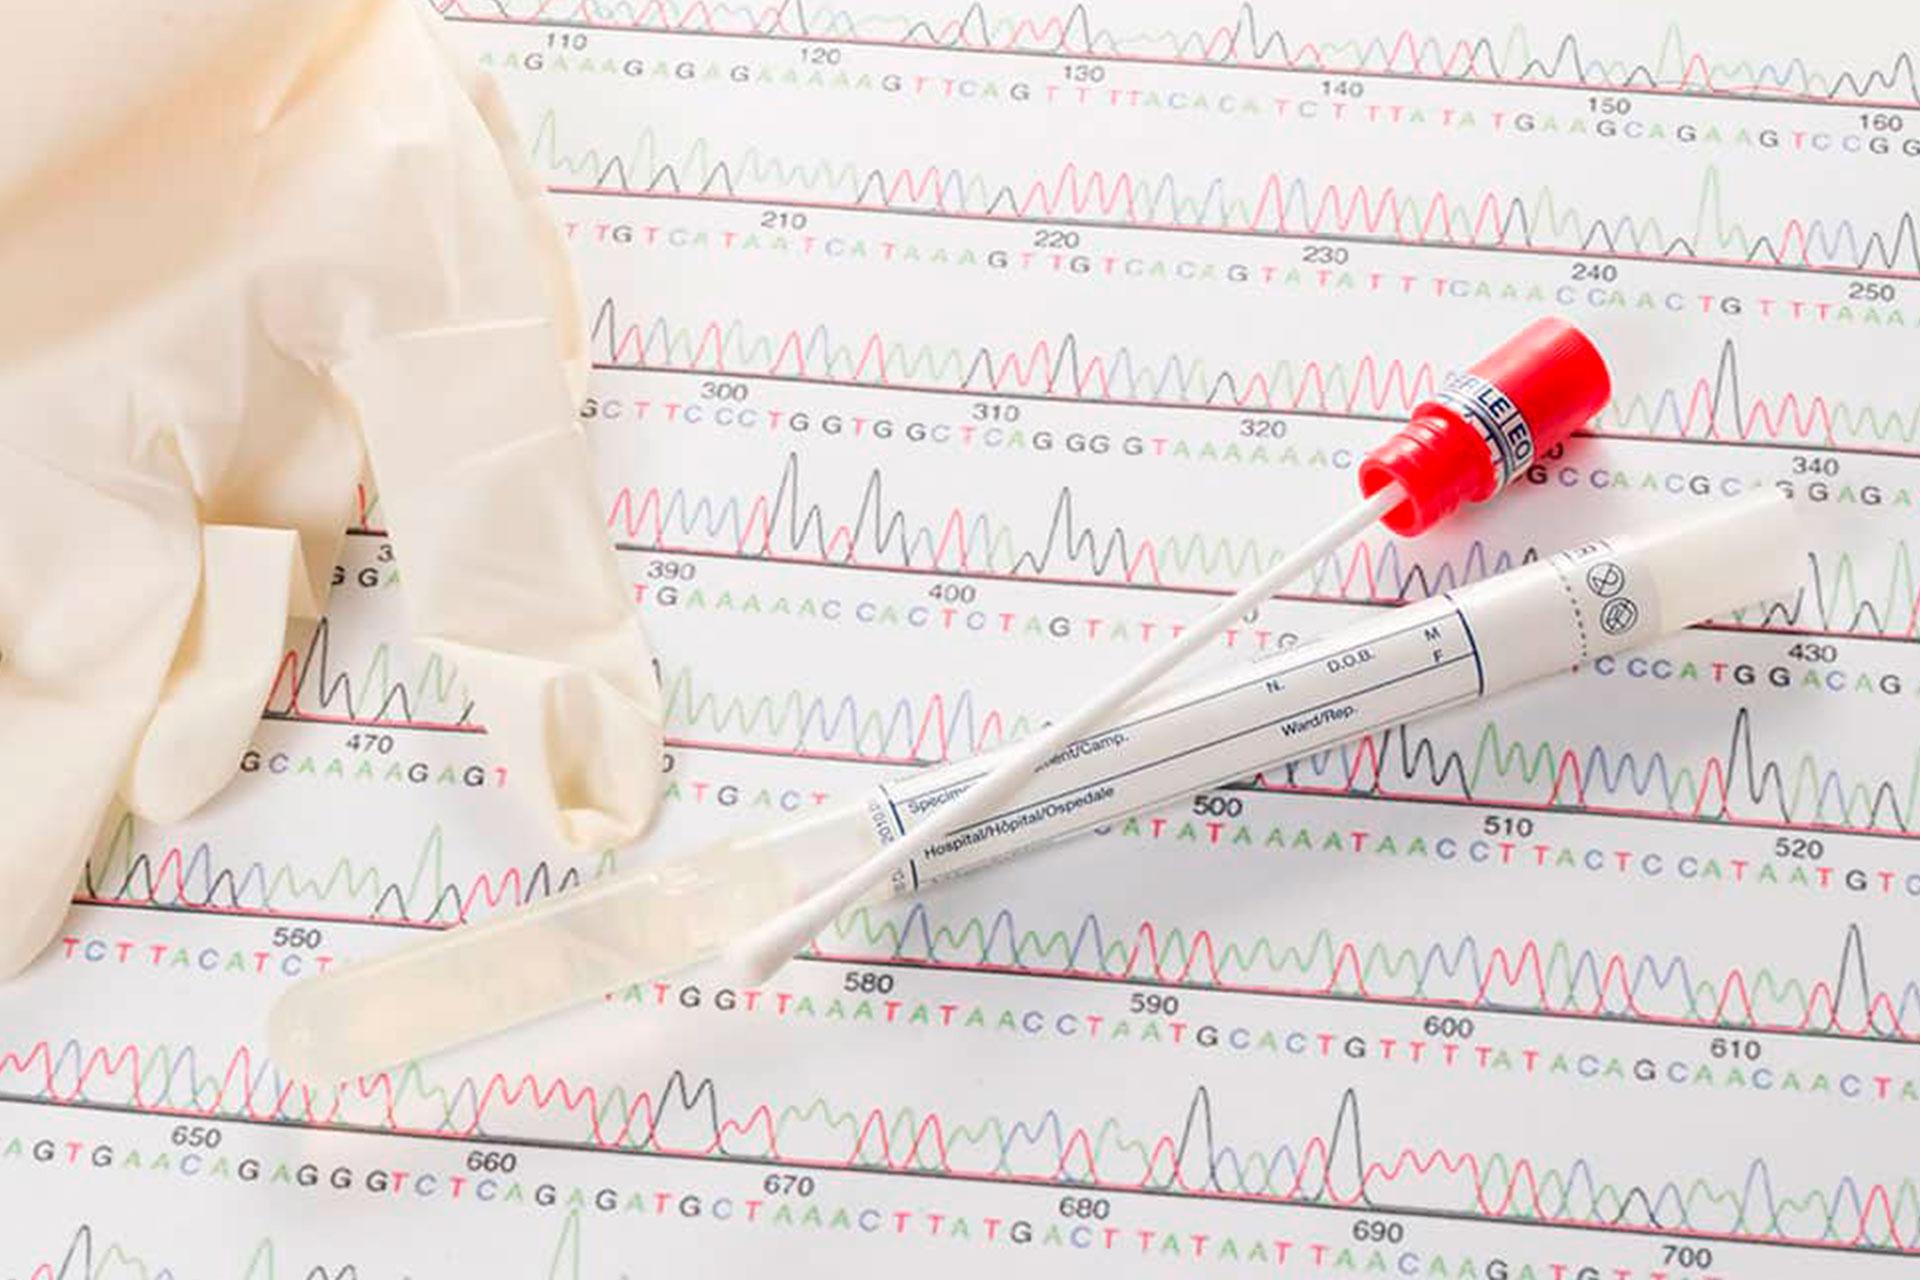 marcatori str test DNA